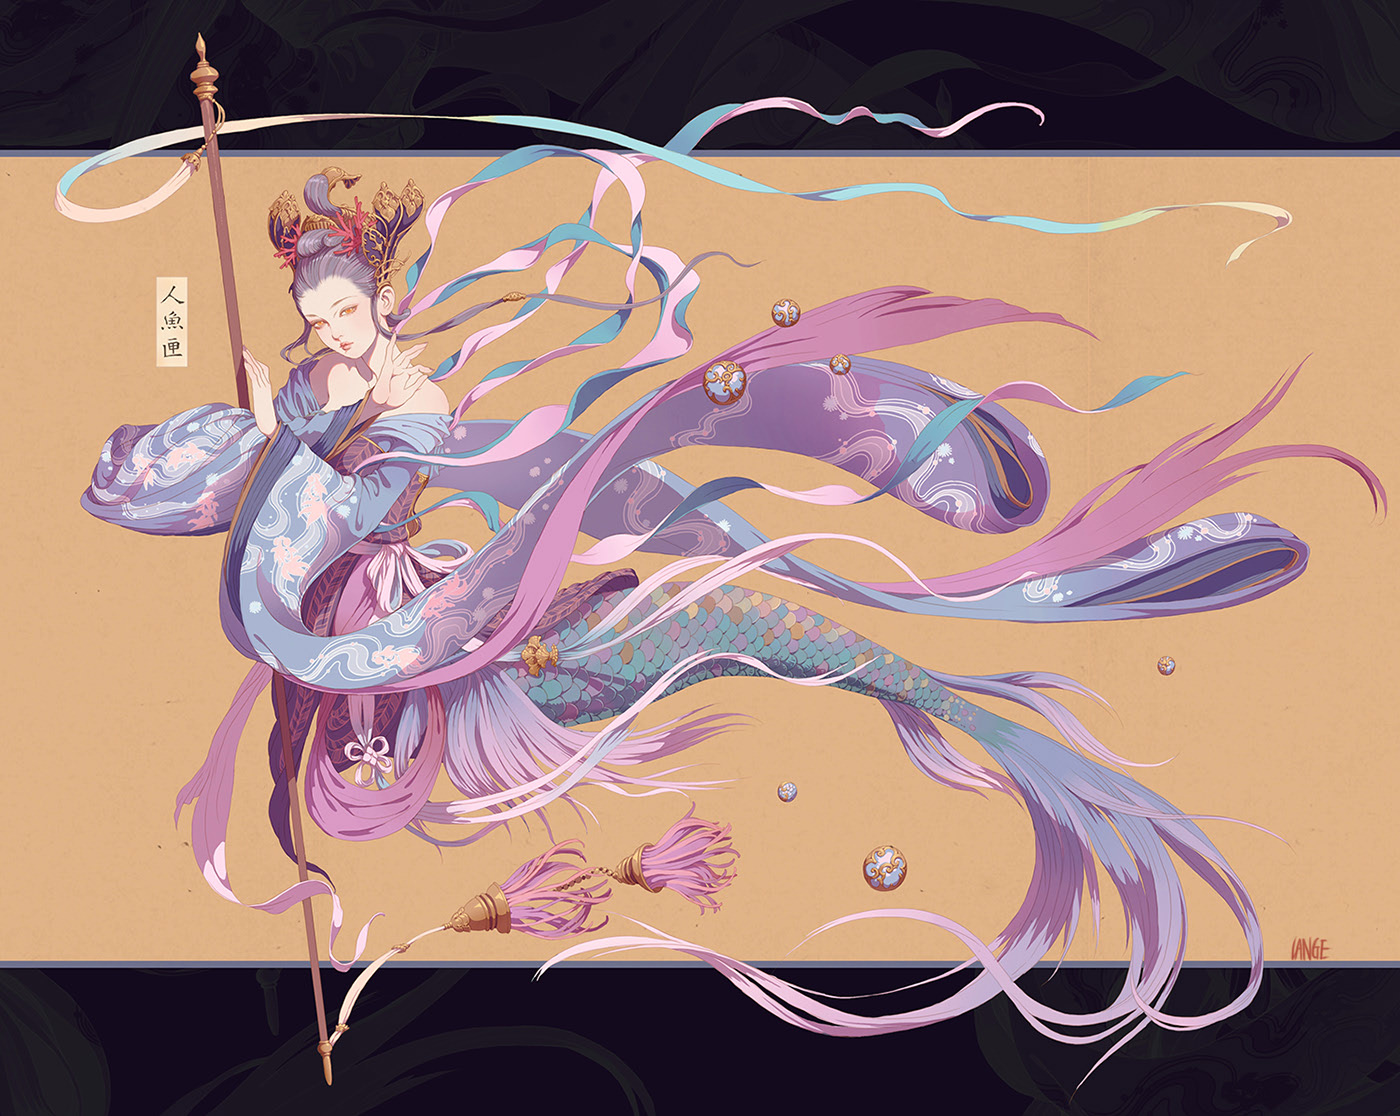 Ilustraciones en 3D y mitología china de Lange